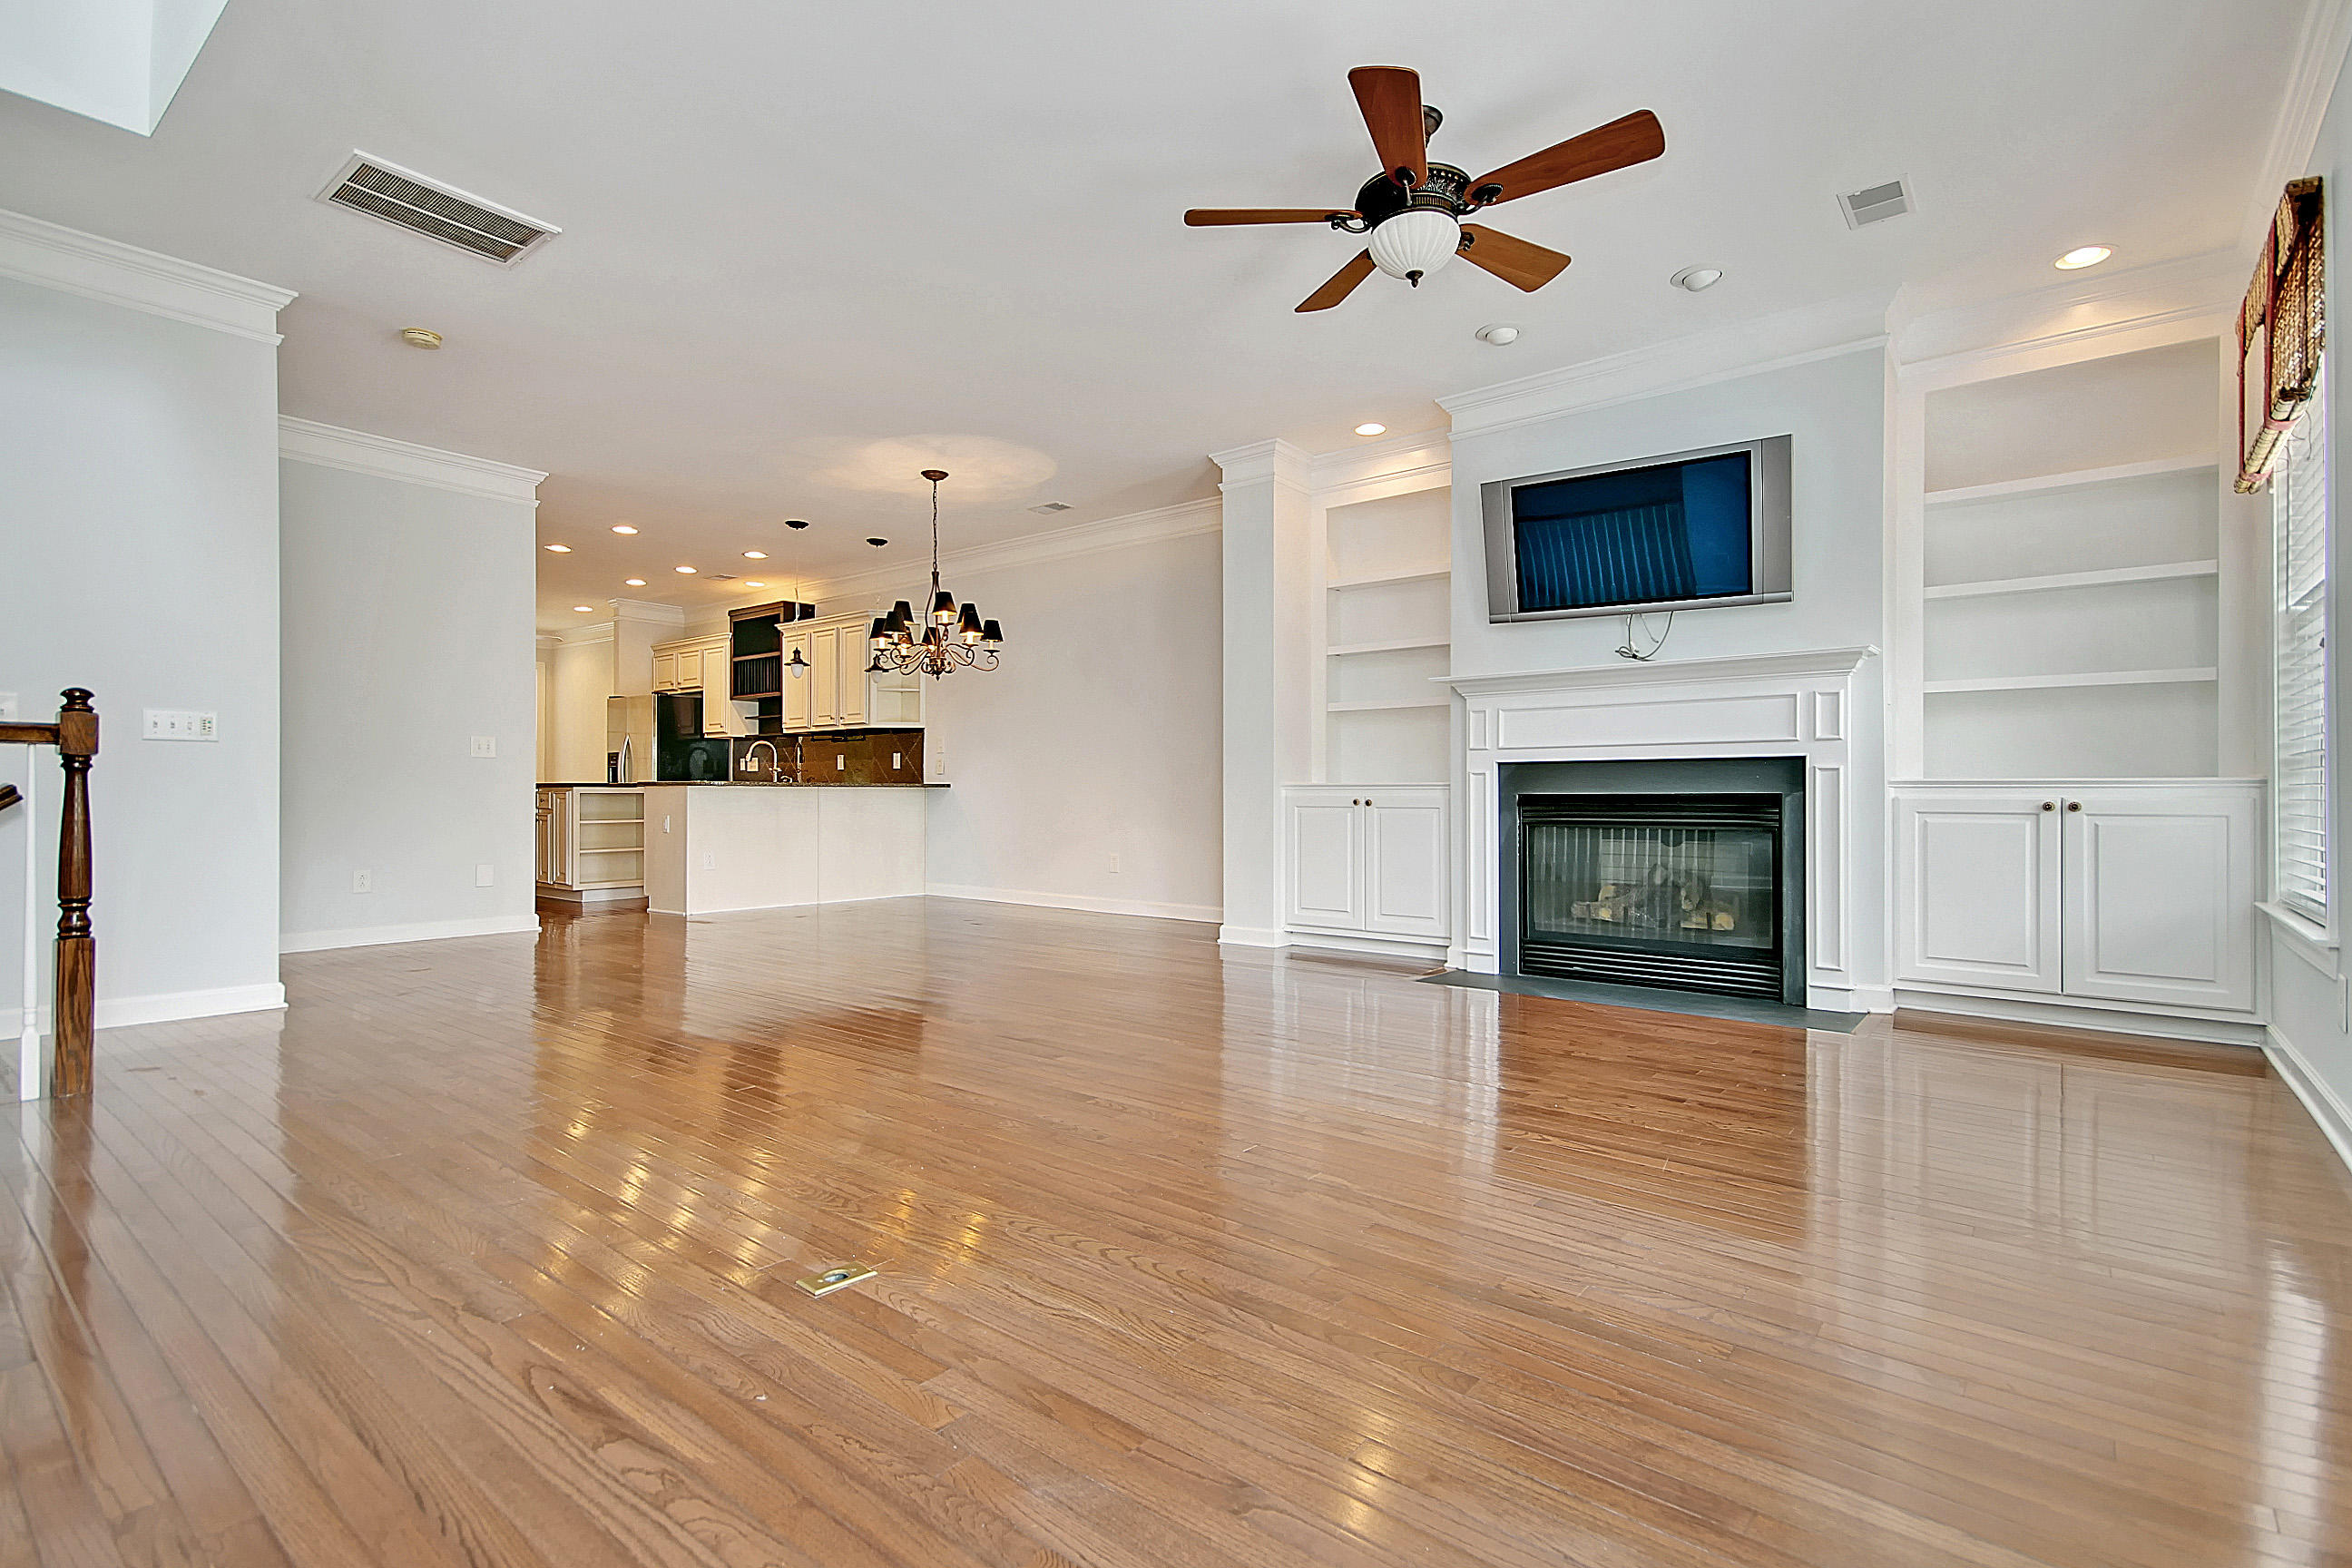 Dunes West Homes For Sale - 148 Palm Cove, Mount Pleasant, SC - 41